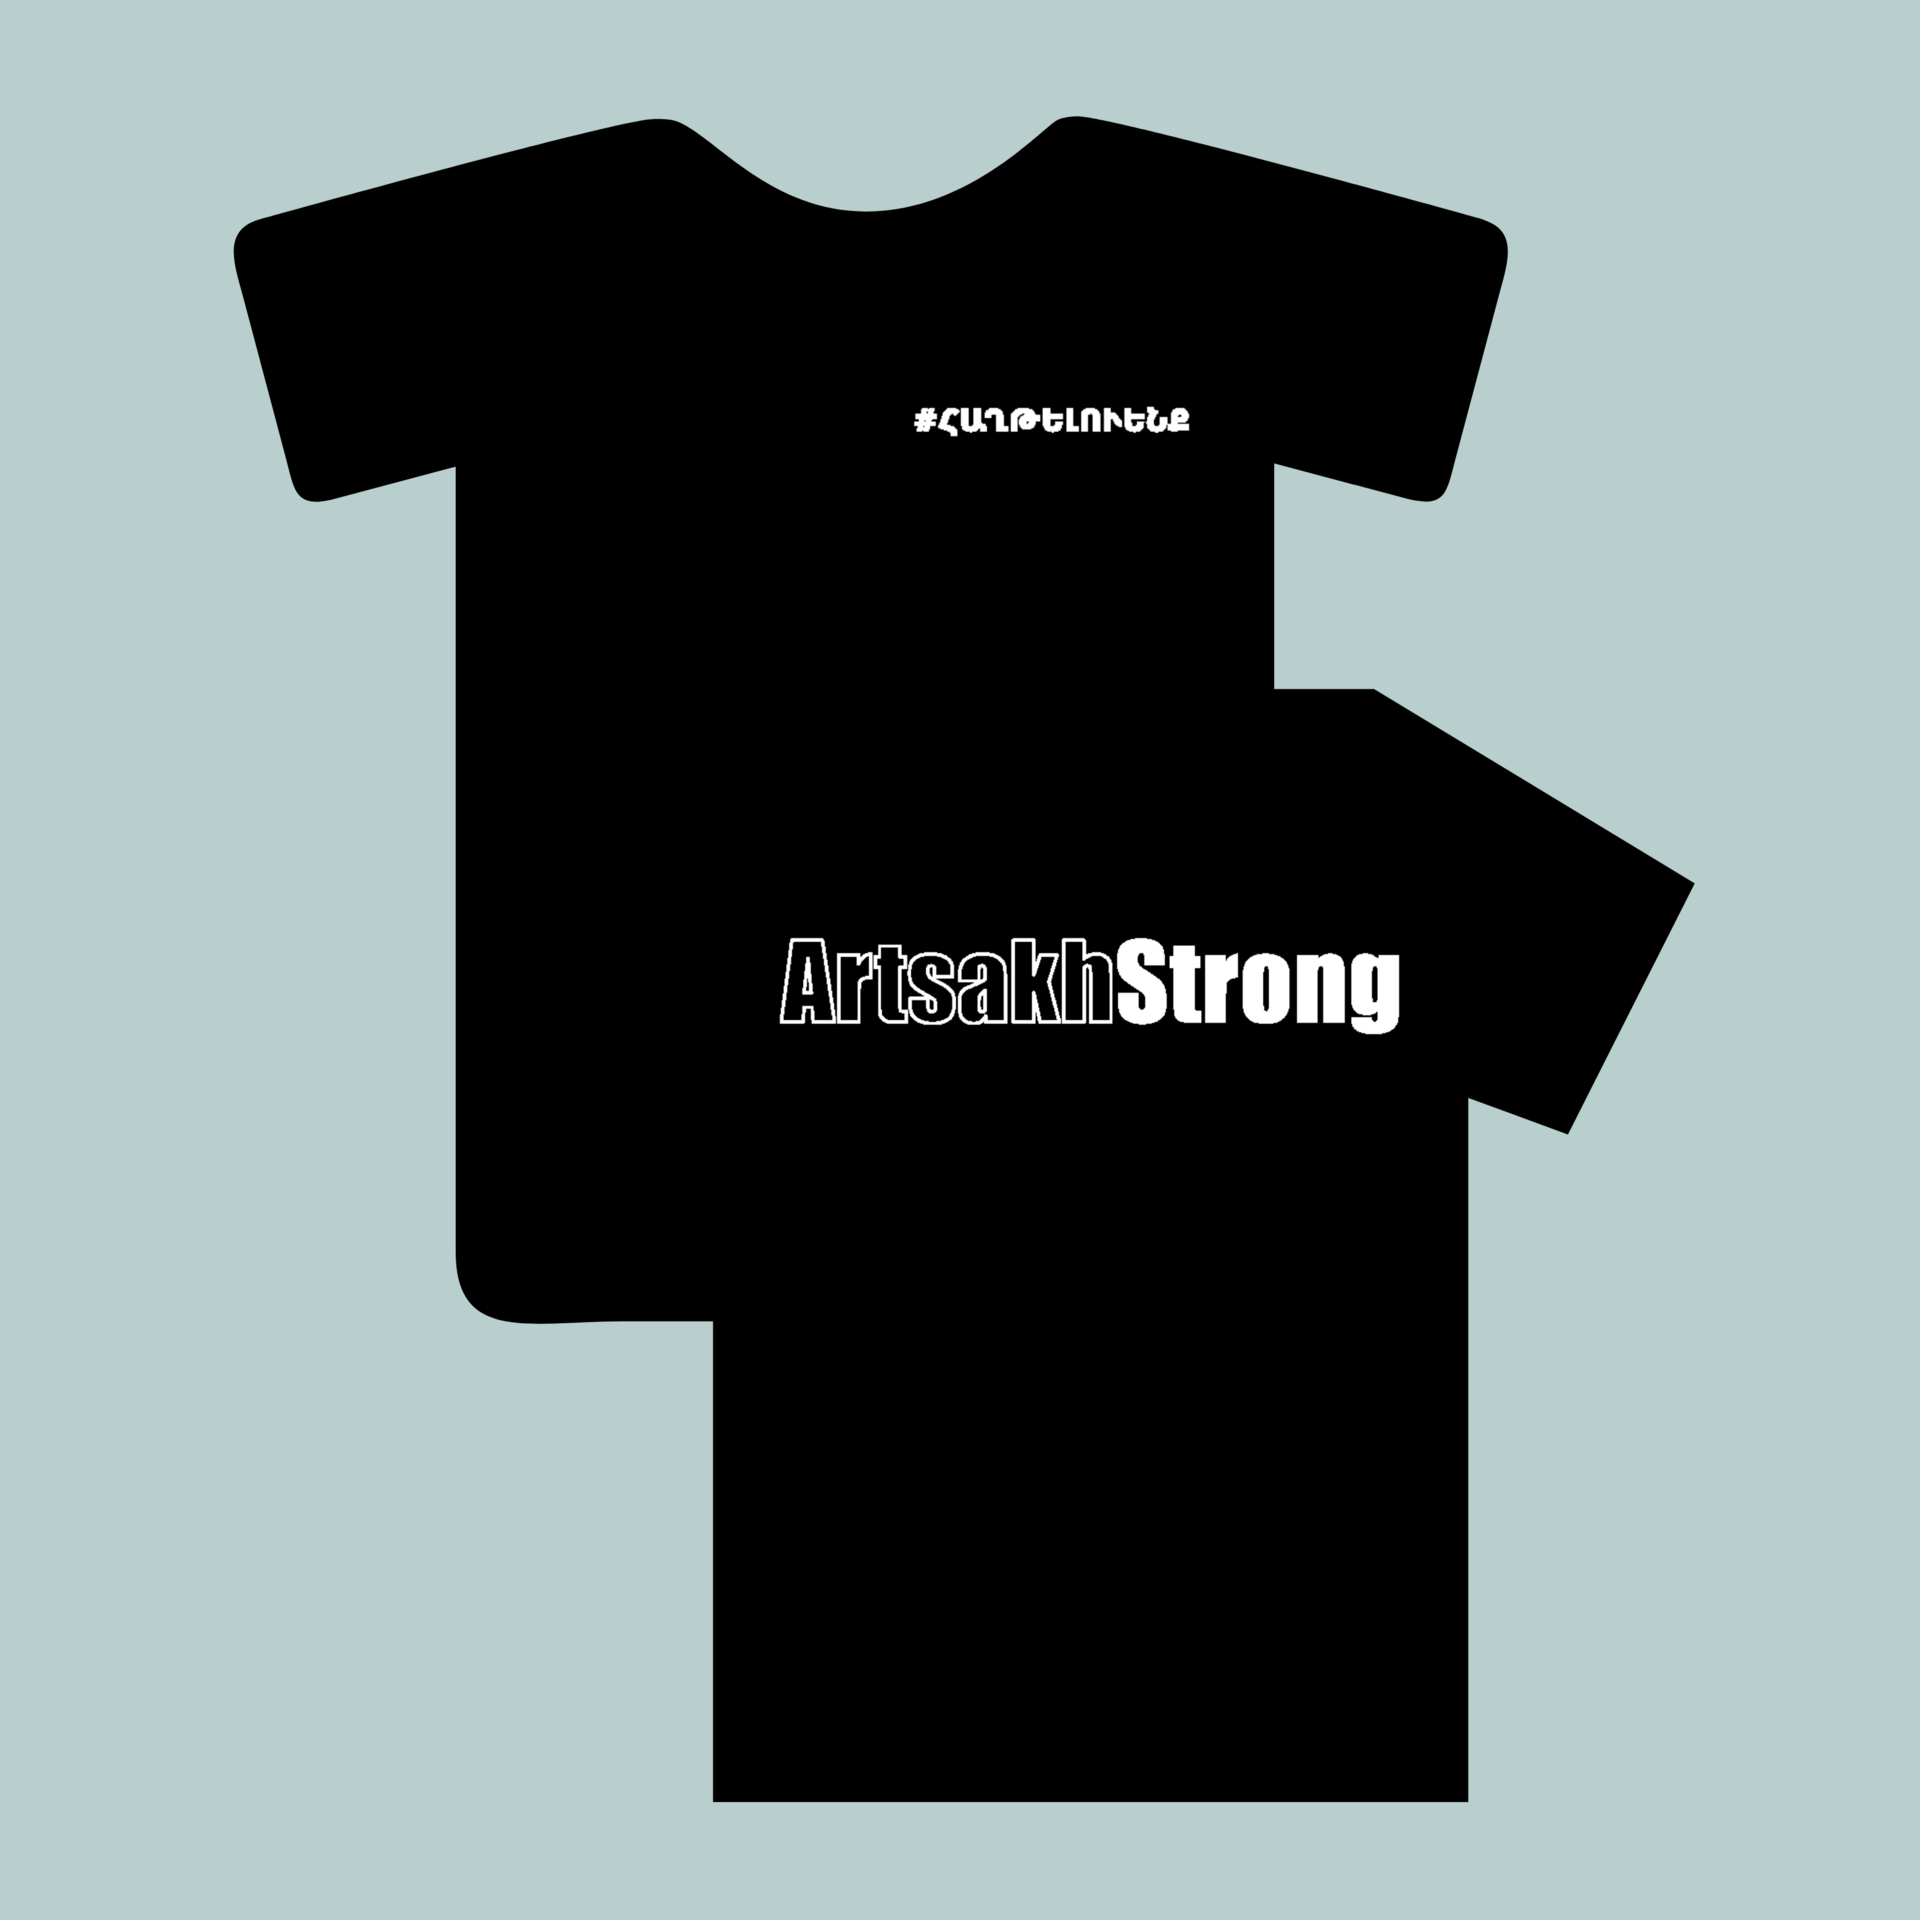 Artsakh Strong T-Shirt